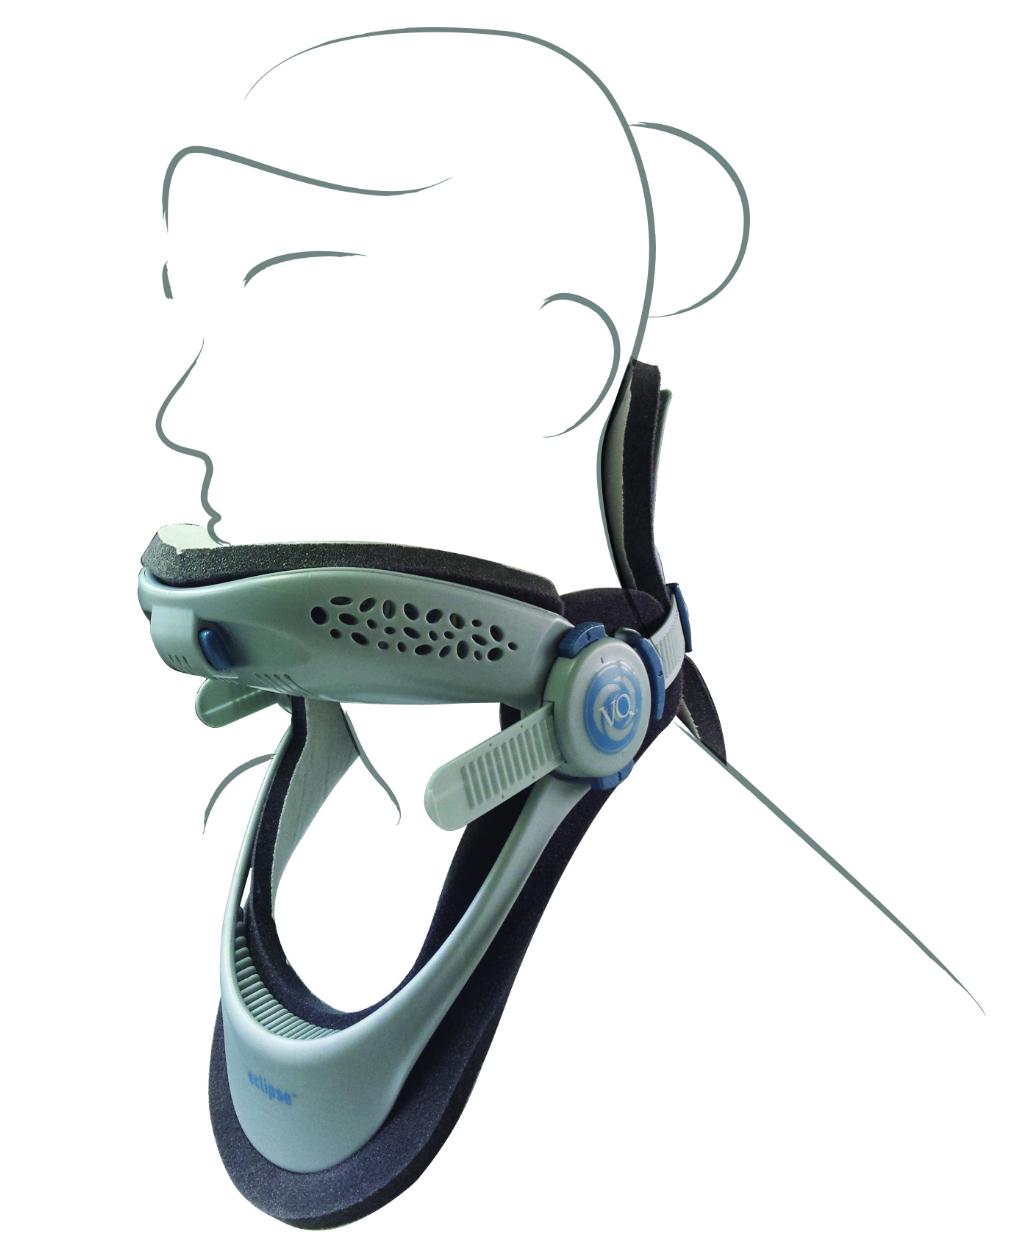 """Collare cervicale """"ECLIPSE"""" con foro tracheale  - Collare cervicale universale"""